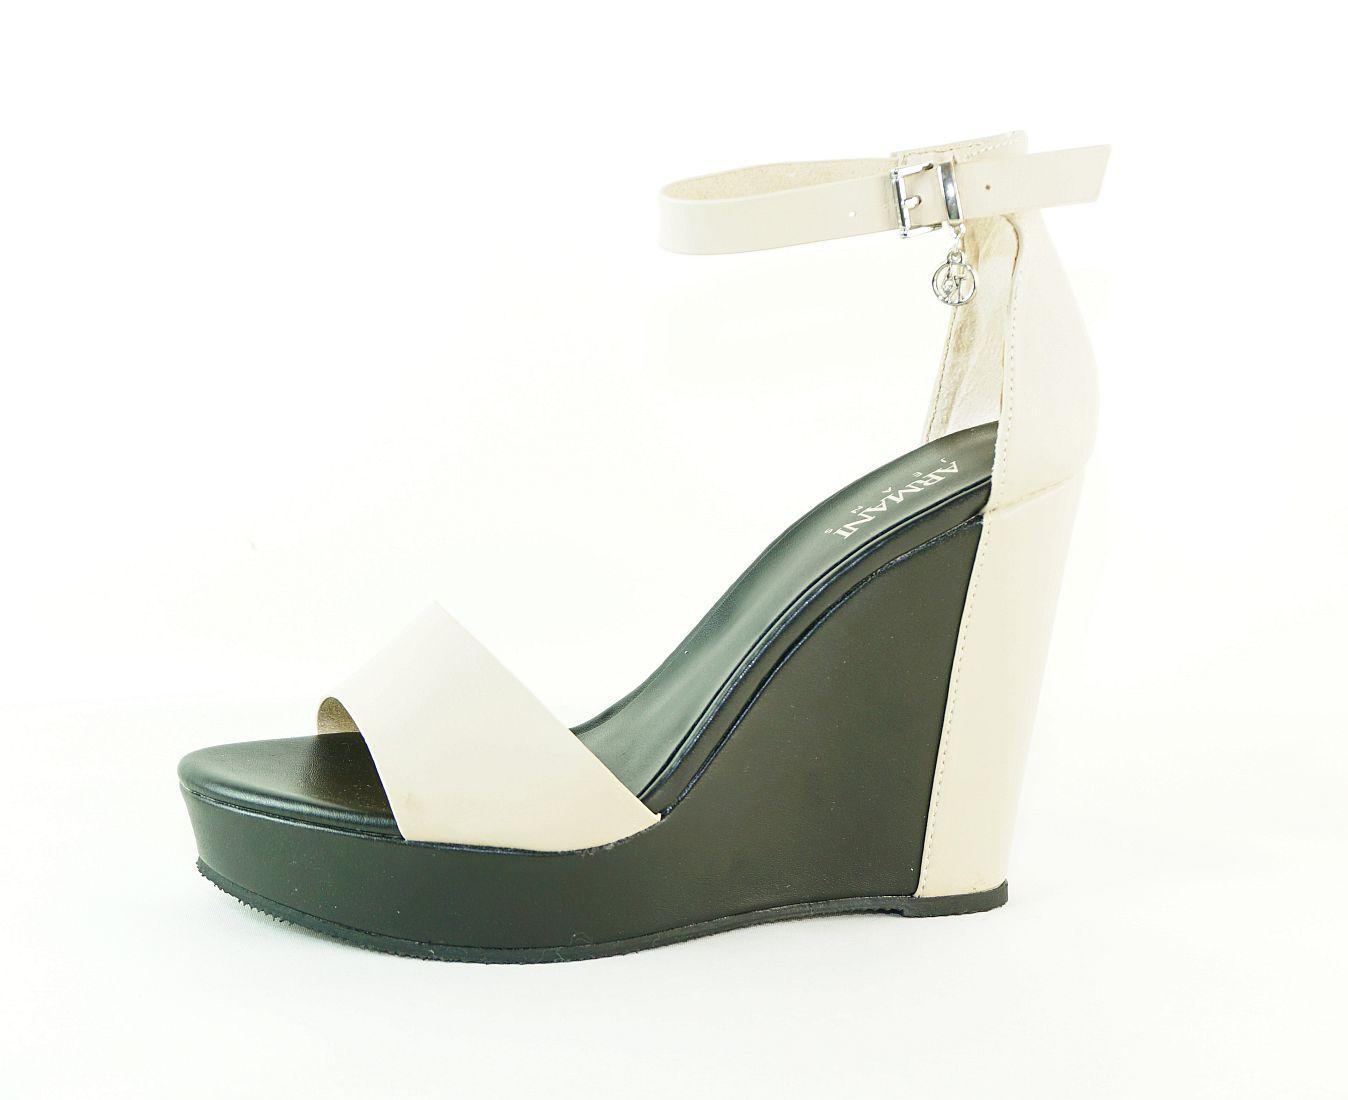 Armani Jeans Schuhe SANDALO ZEPPA 925152 7P546 06250 Light Beige S17-AJS1